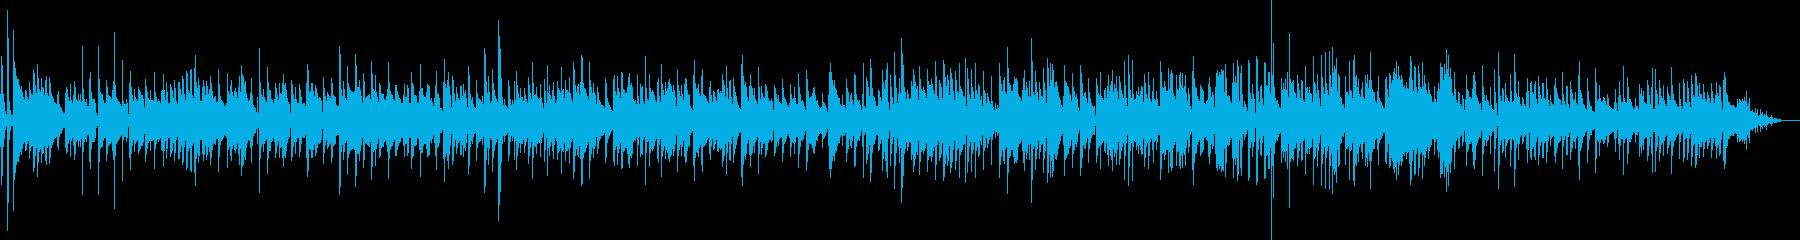 生ギター、しっとり落ち着いたキラキラ星の再生済みの波形